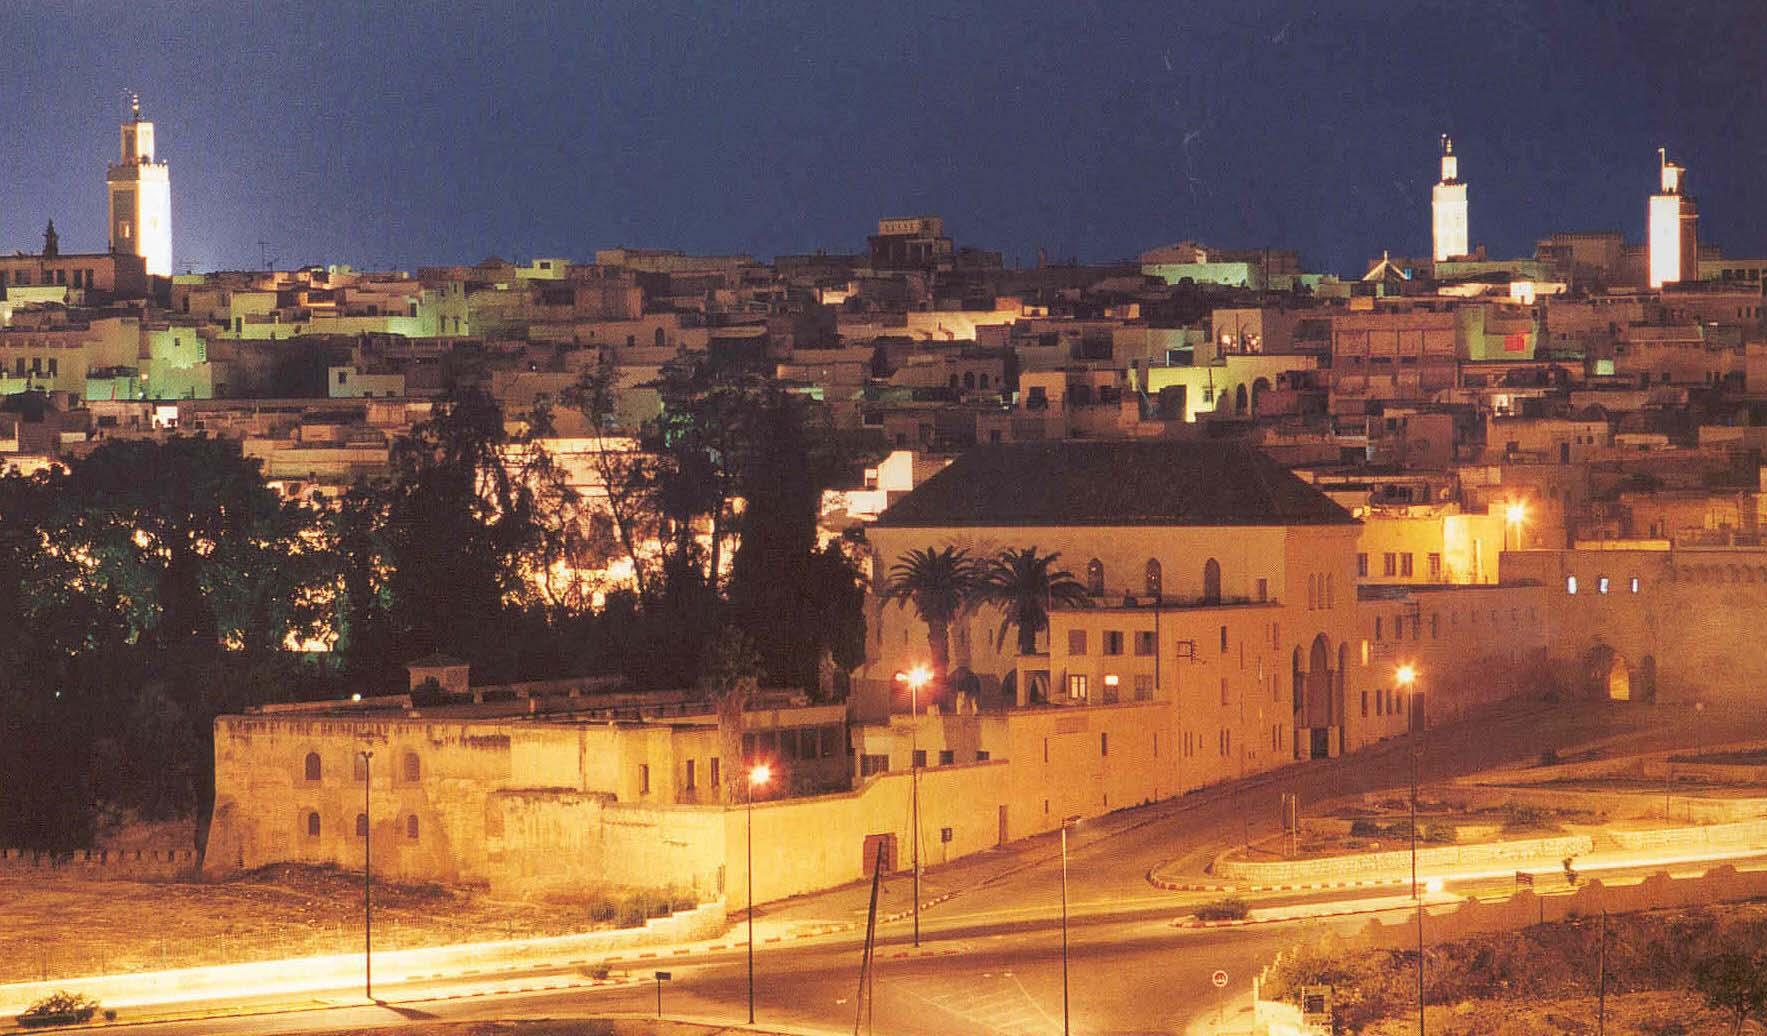 صوره اجمل صور المغرب , صور المغرب الجميلة